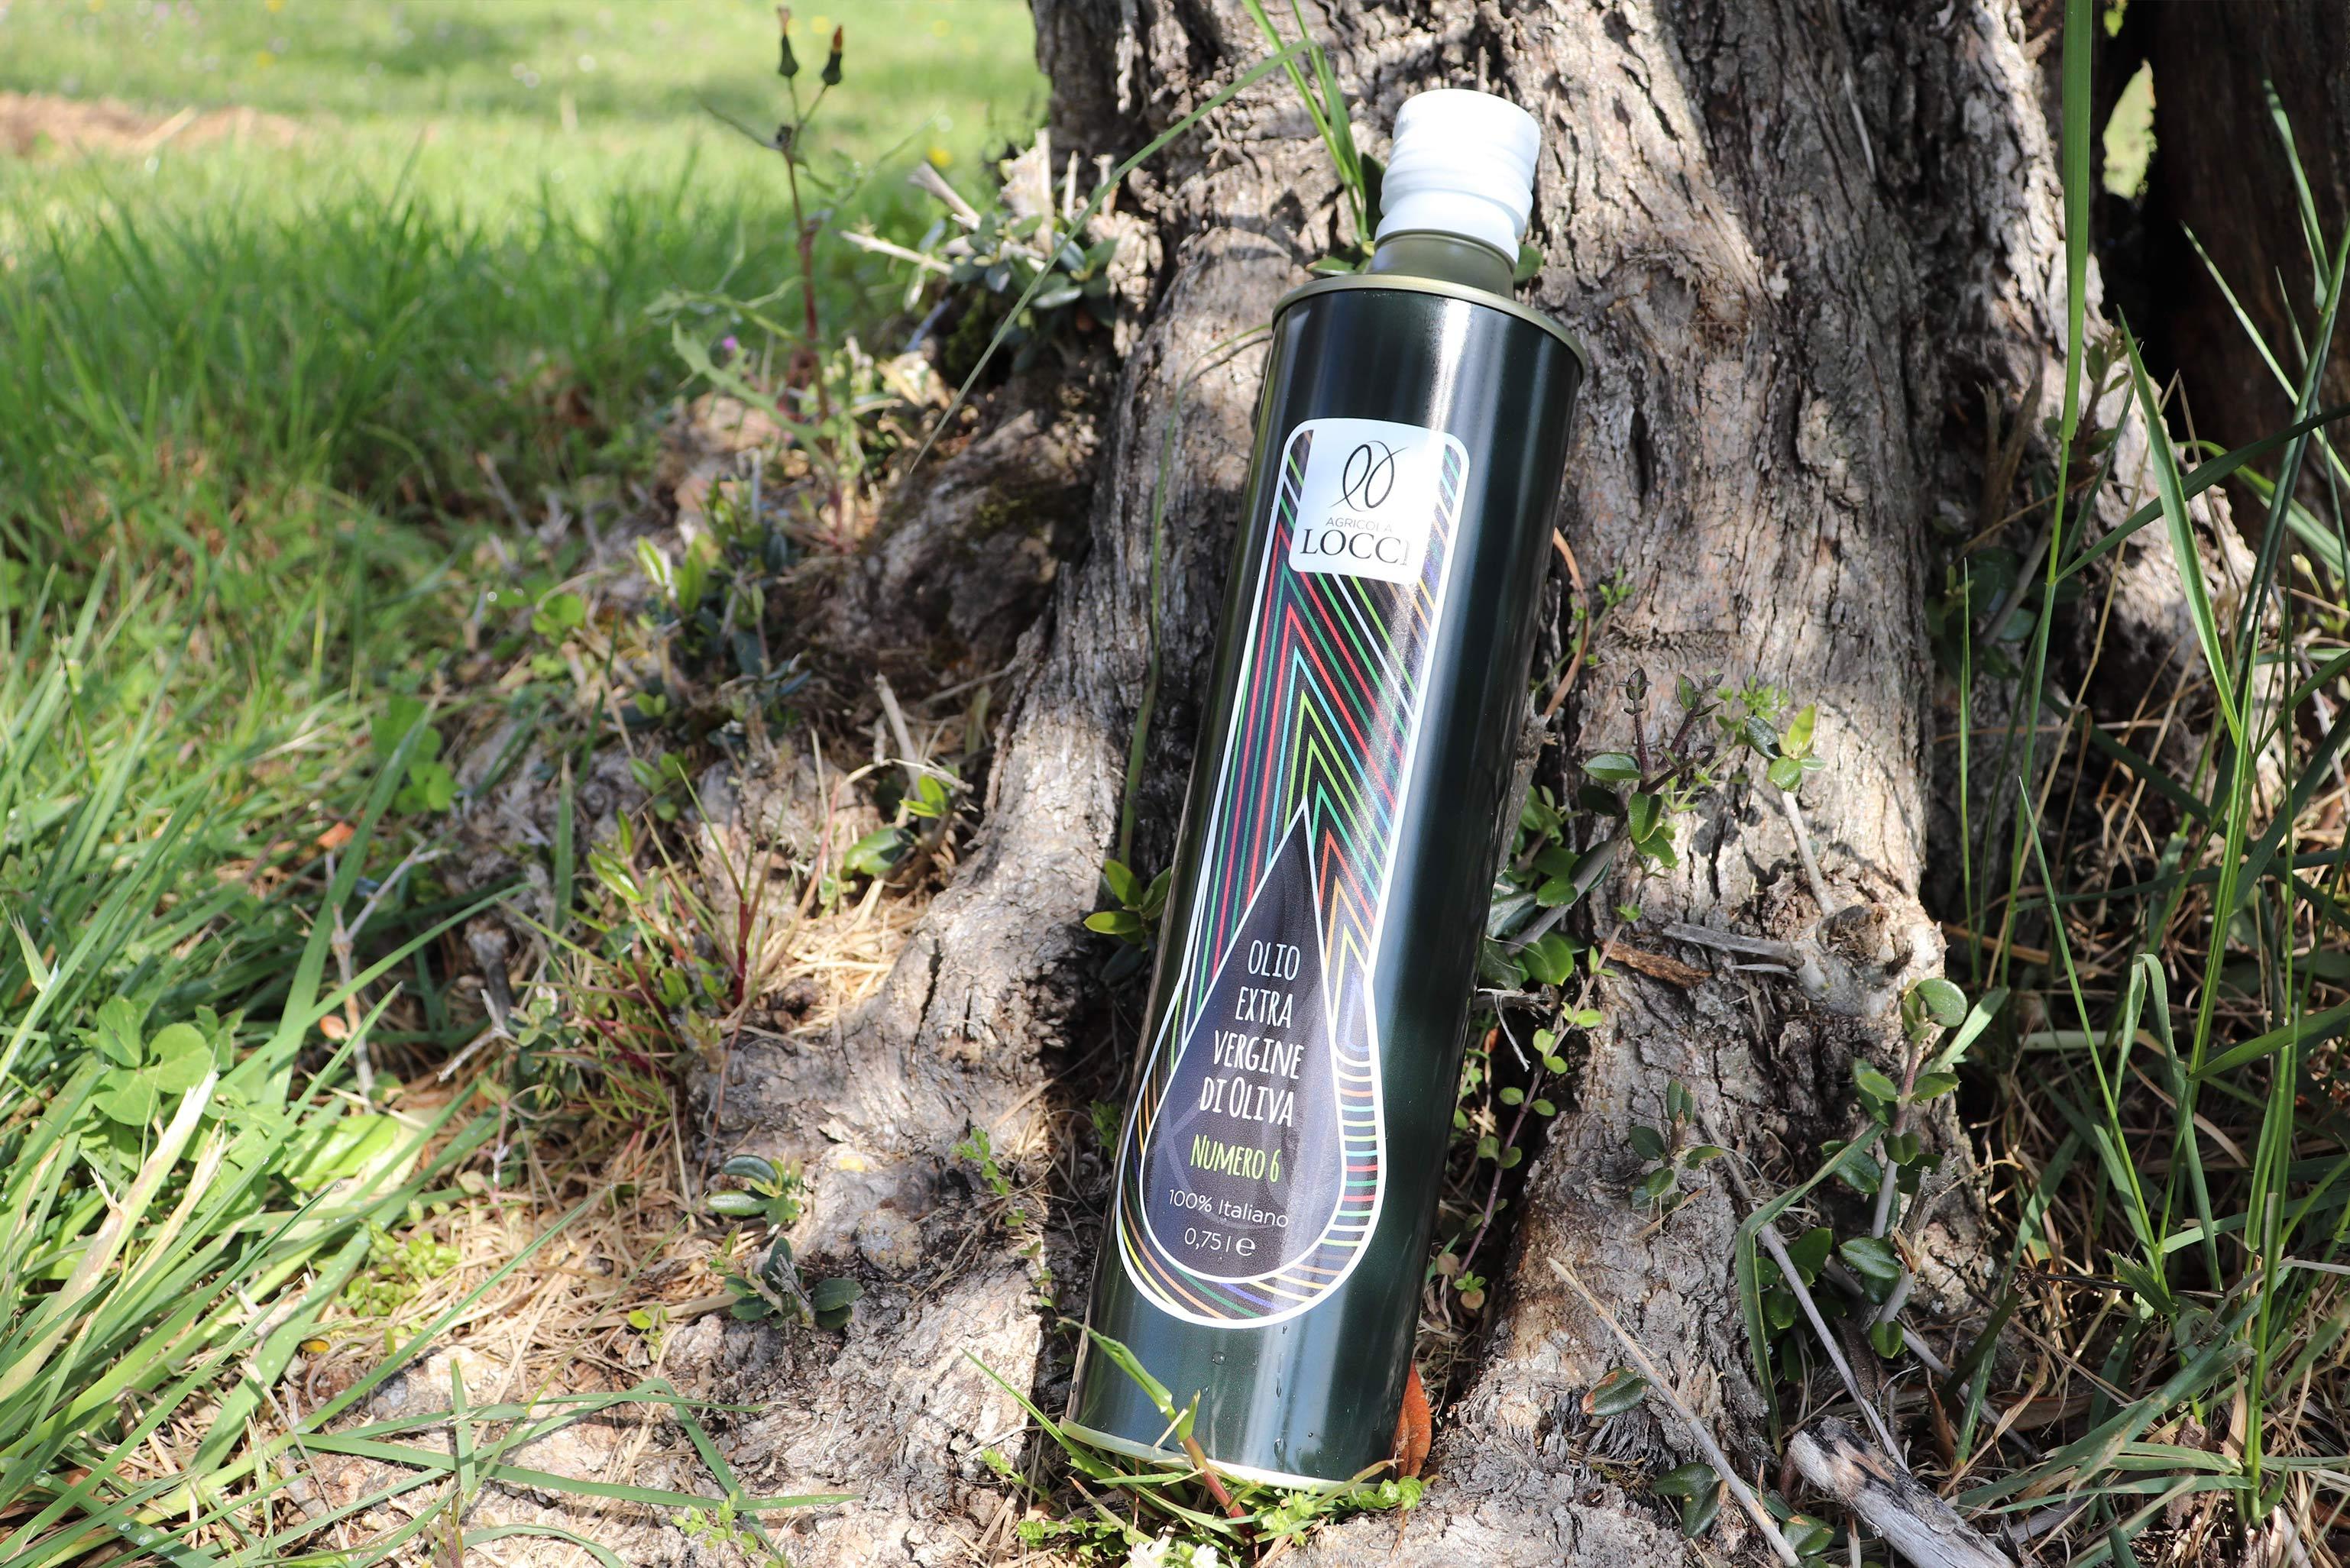 Extra Virgin Olive Oil Tenute Santa Chiara Dop Umbria